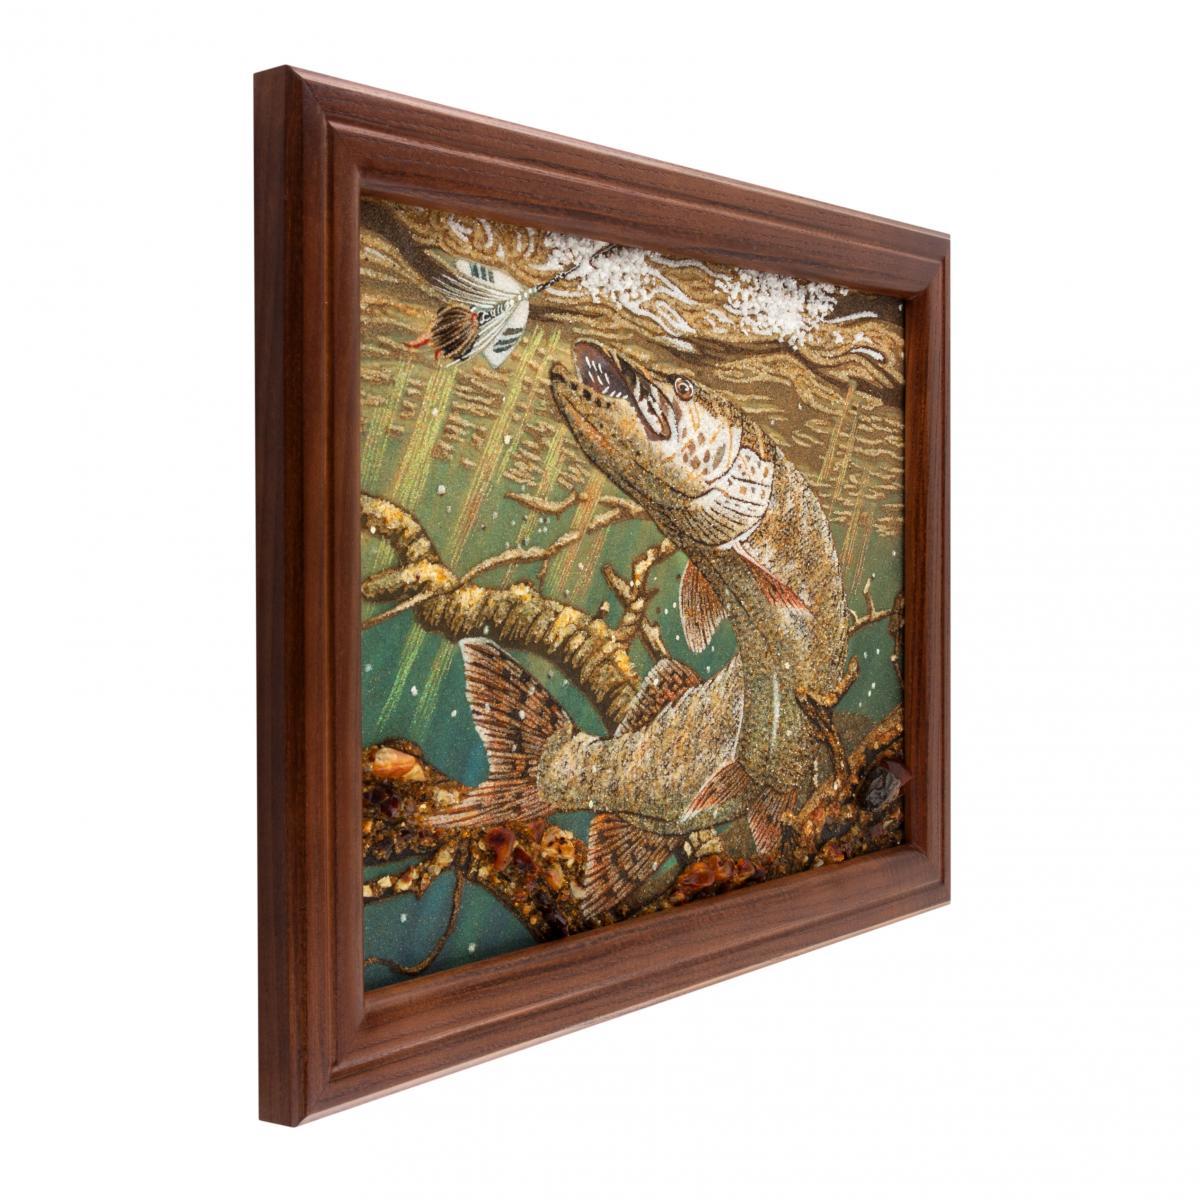 Картина из янтаря Щука. Фото №2. | Народный дом Украина